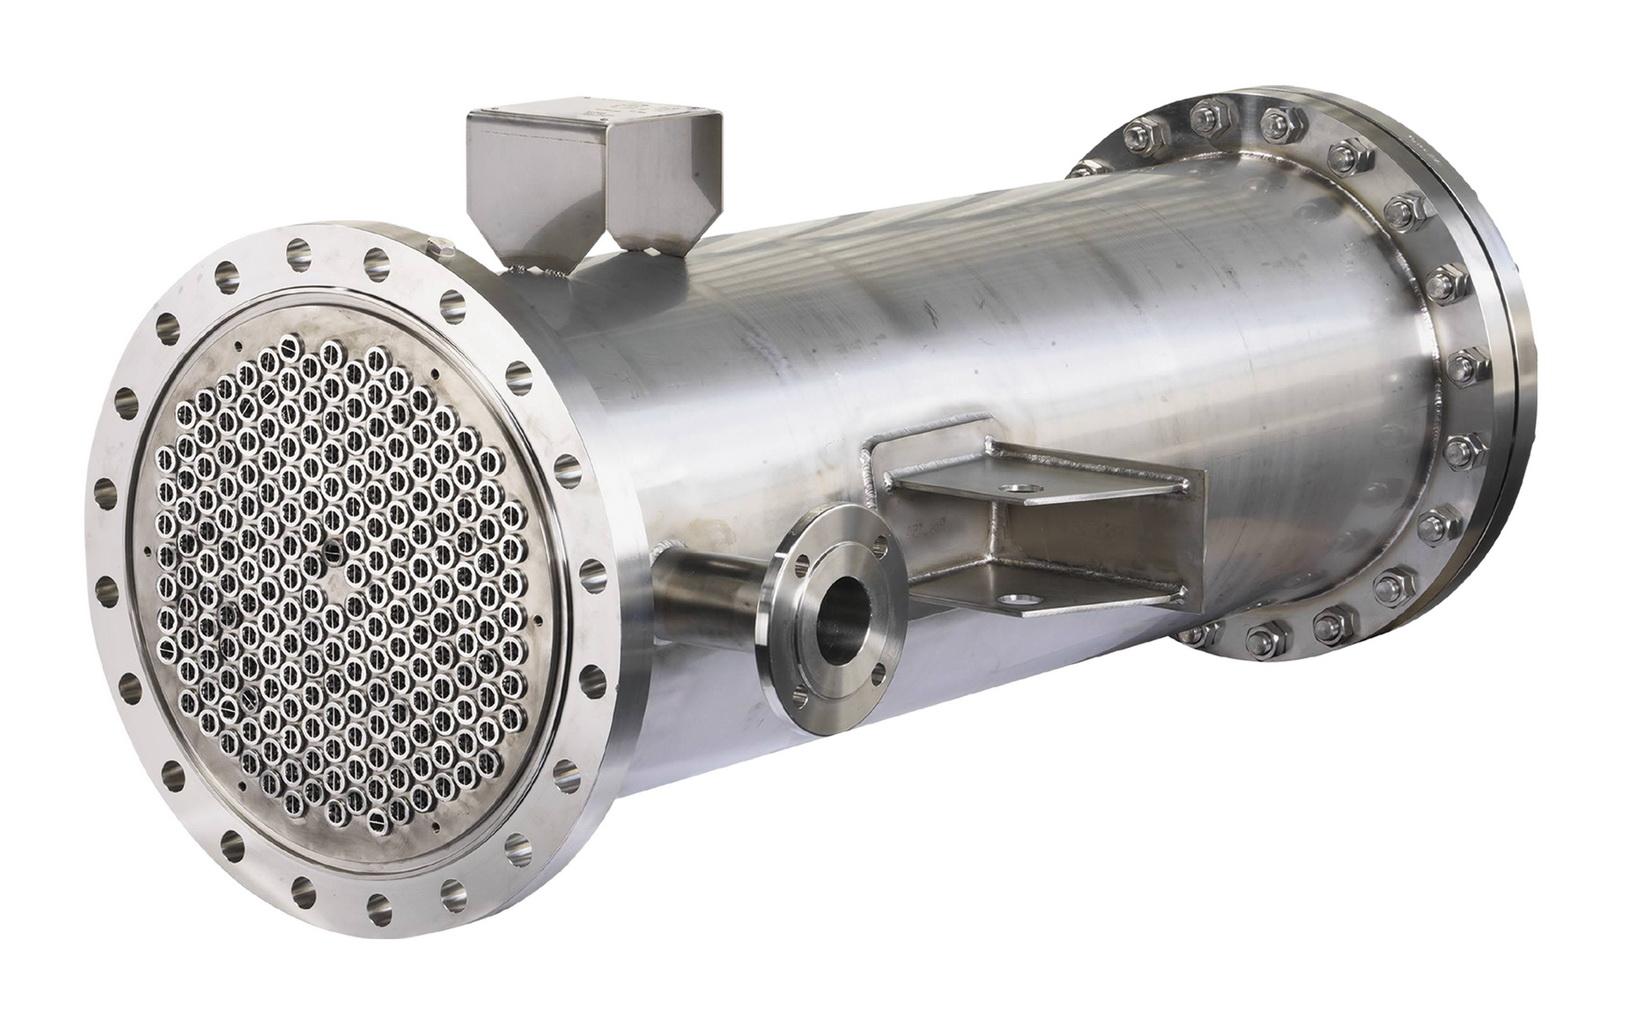 Теплообменник объемный пласт теплообменник отопления ридан hhn 20a to16 21 tl